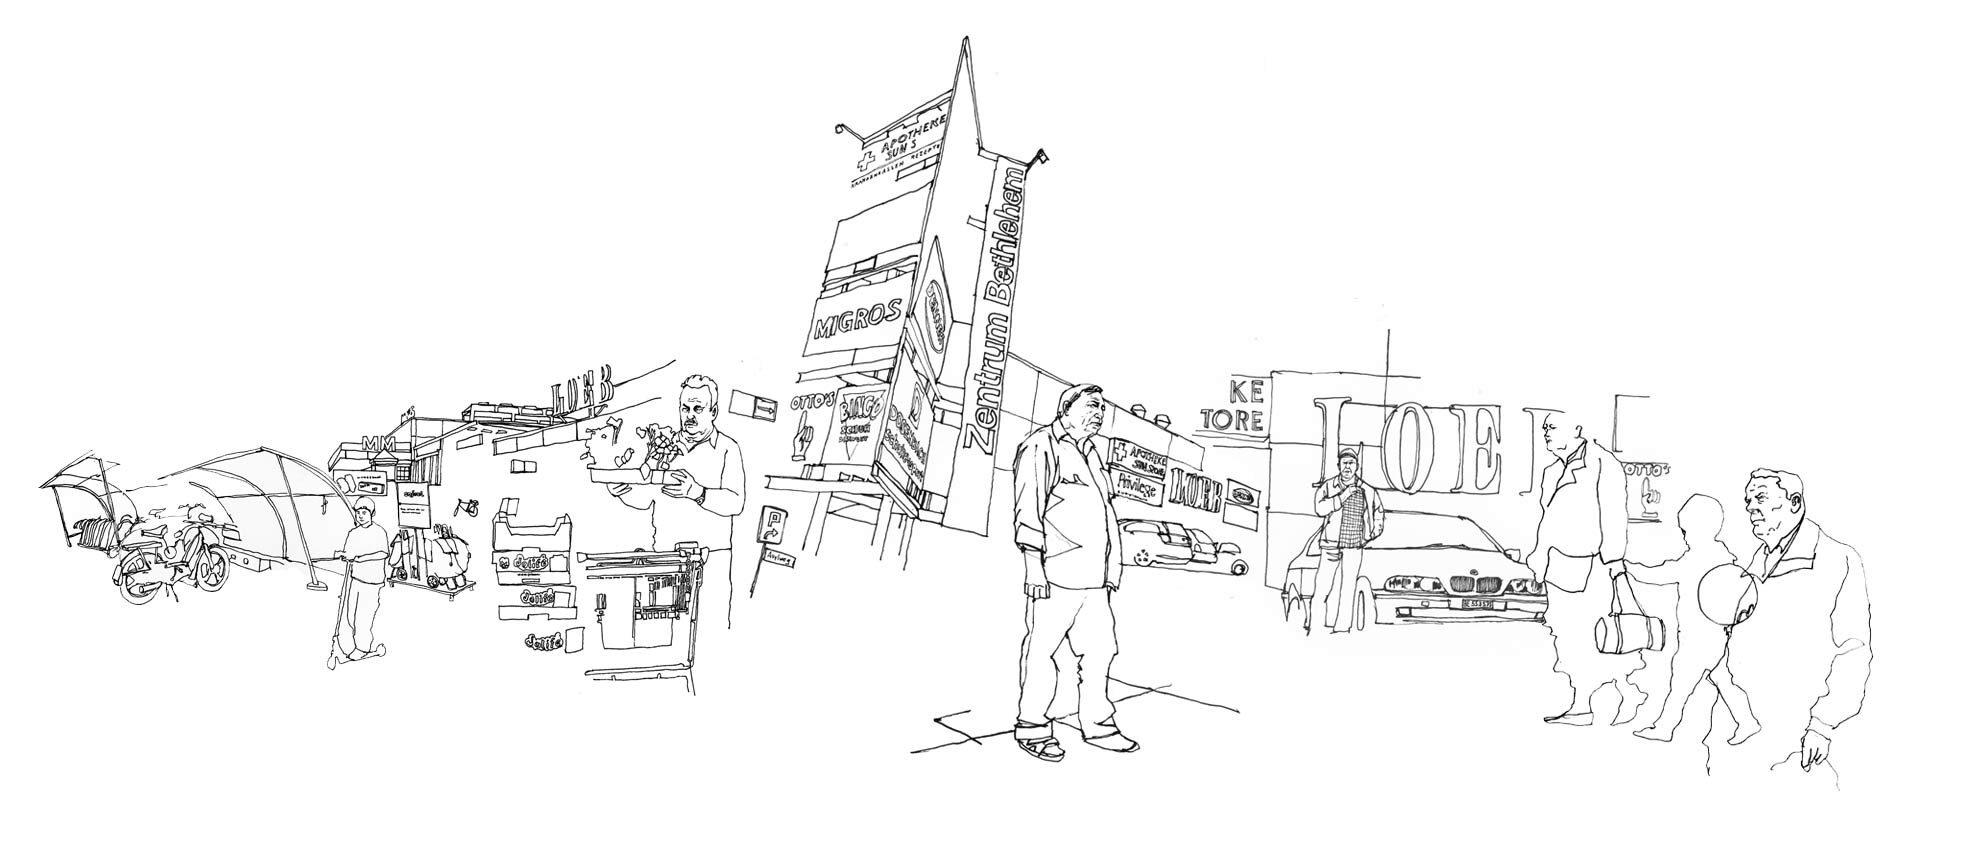 Tafel - Kornel Illustration | Kornel Stadler portfolio